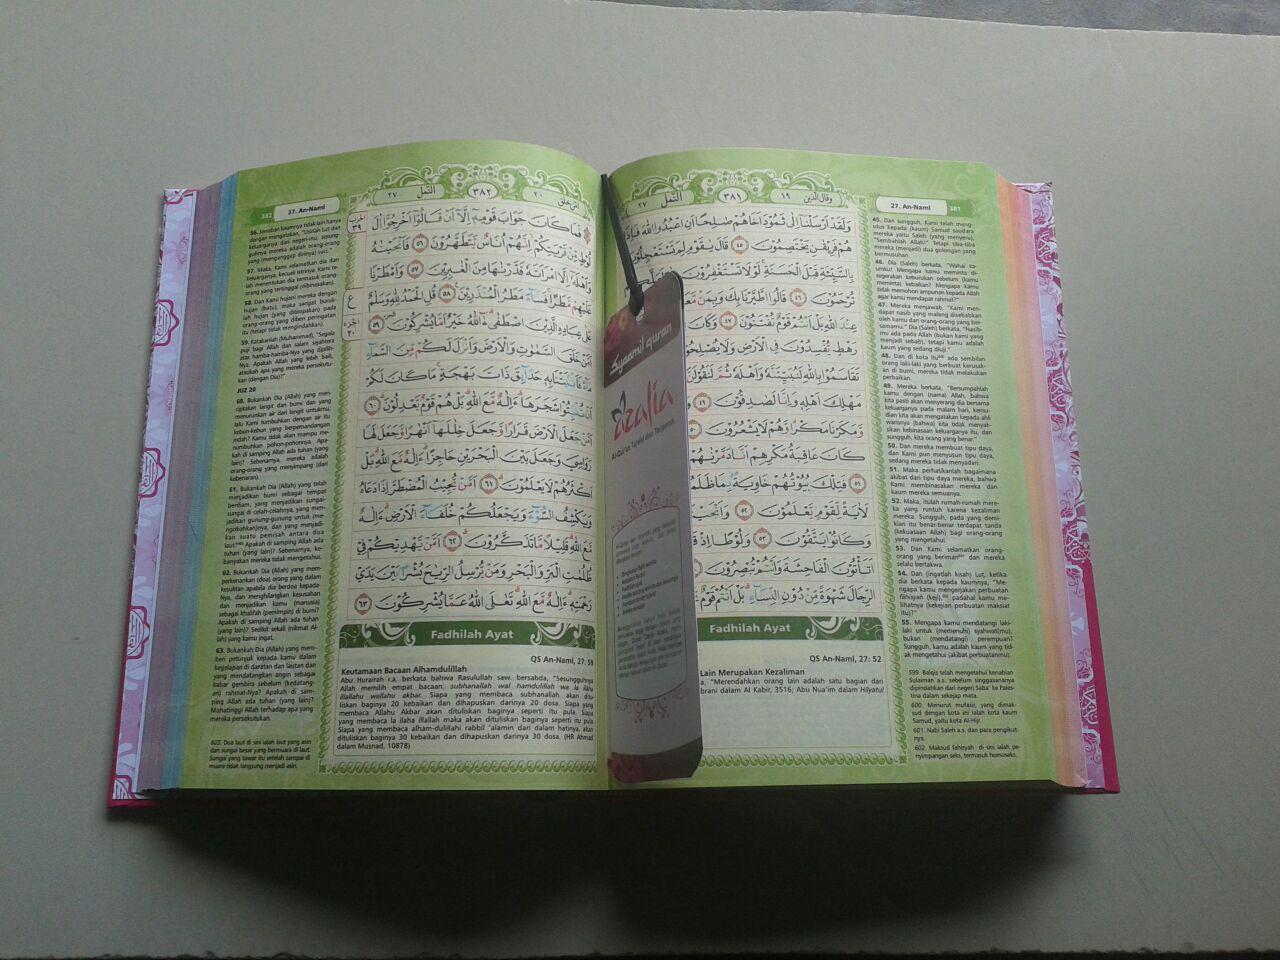 Al-Qur'an Mushaf Tajwid Azalia Dilengkapi Asbabun Nuzul Fadhilah Ayat isi 2